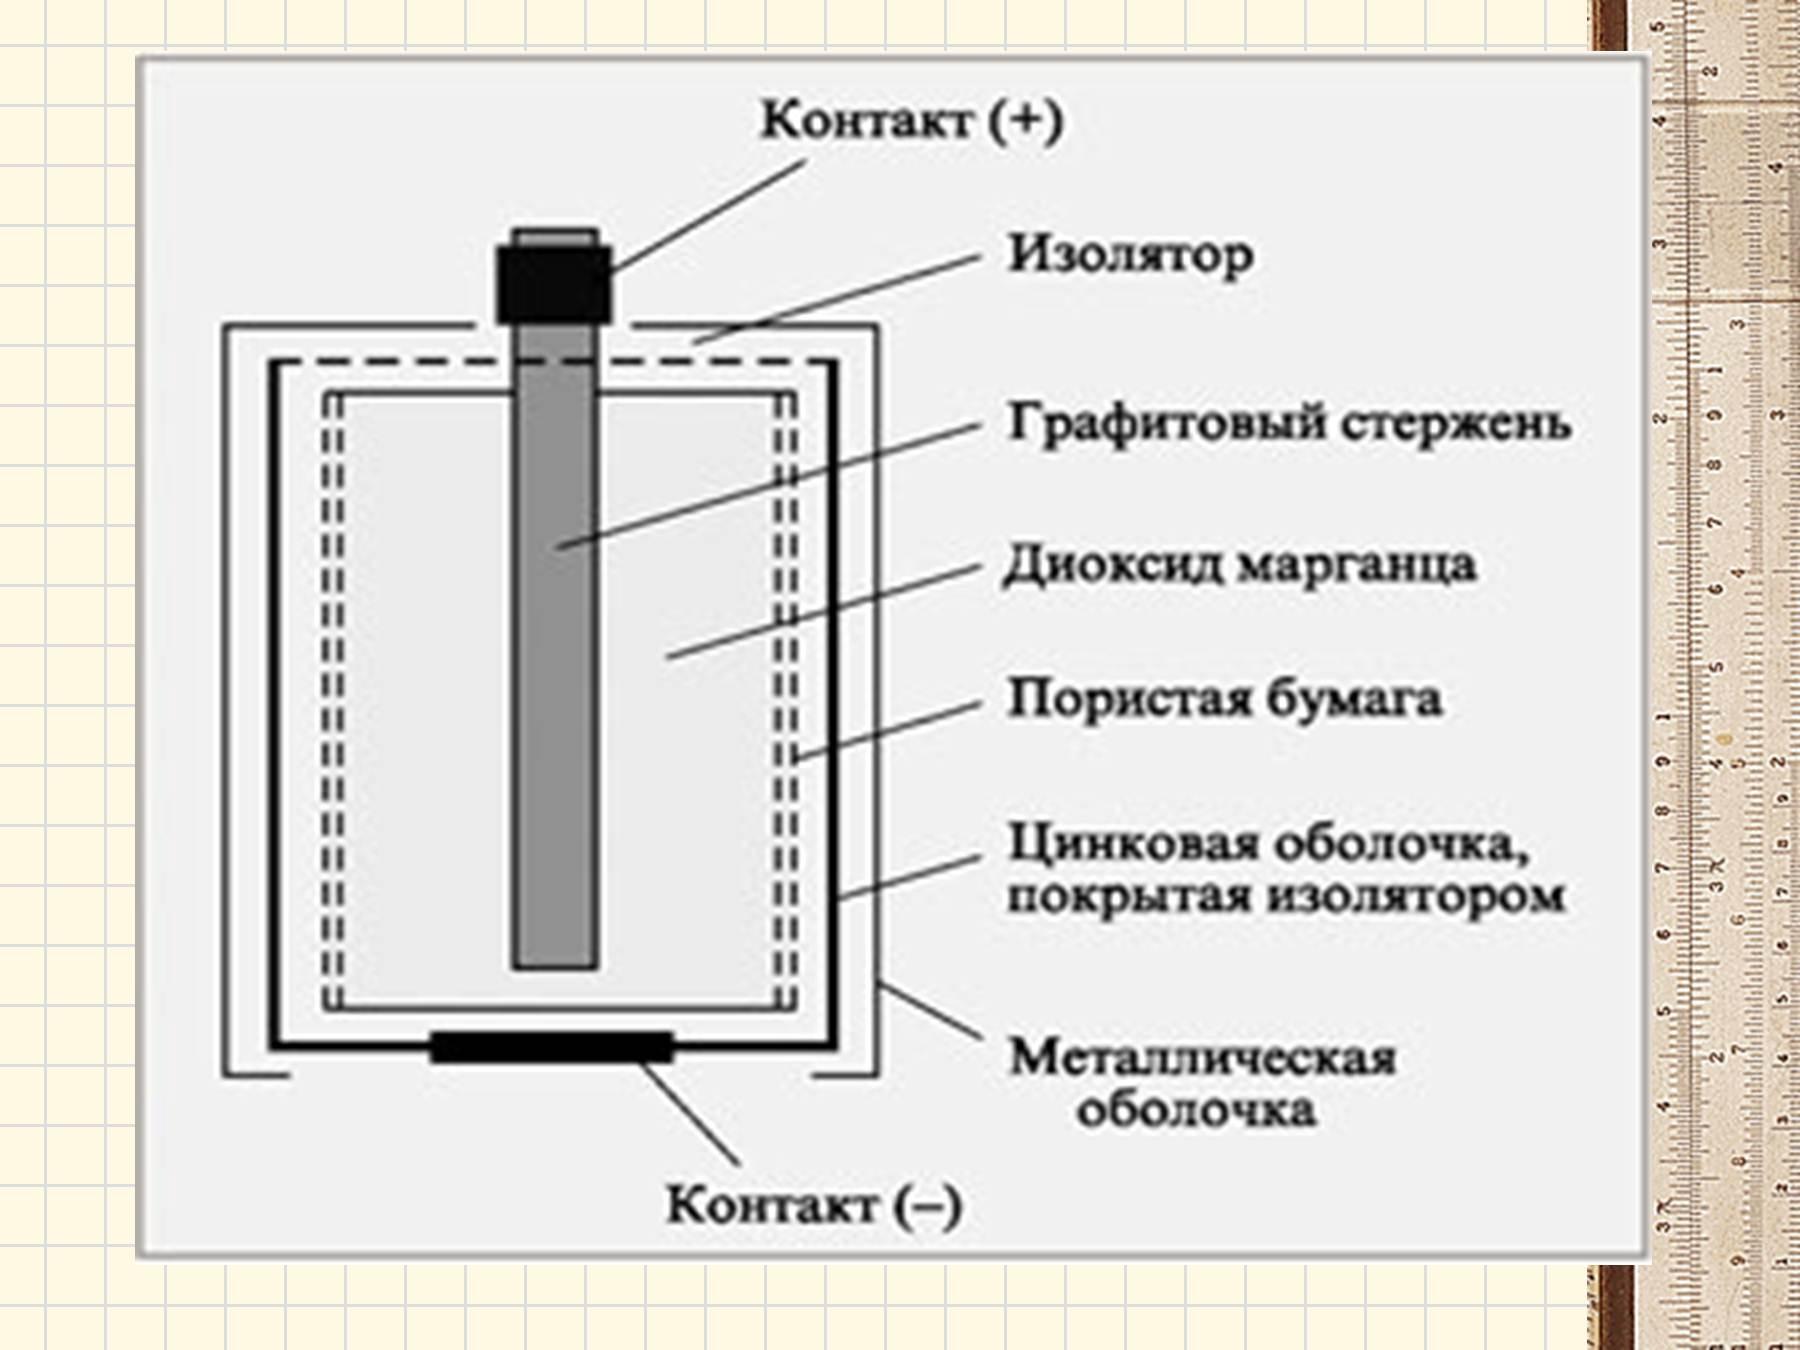 Как работает аккумулятор схема